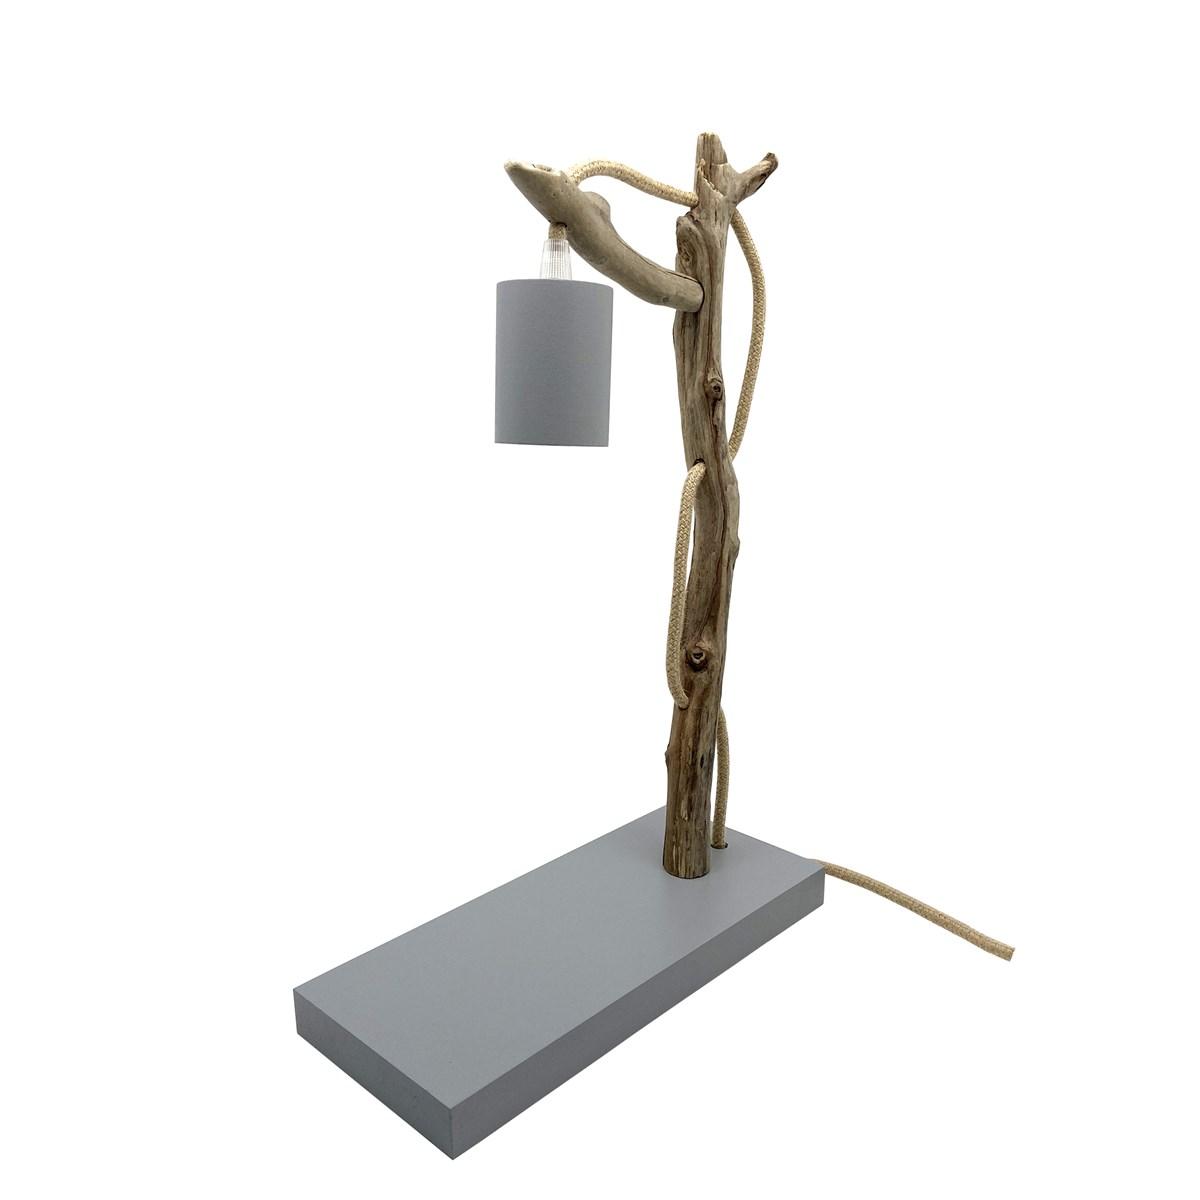 Lampe à poser en bois recyclé gris